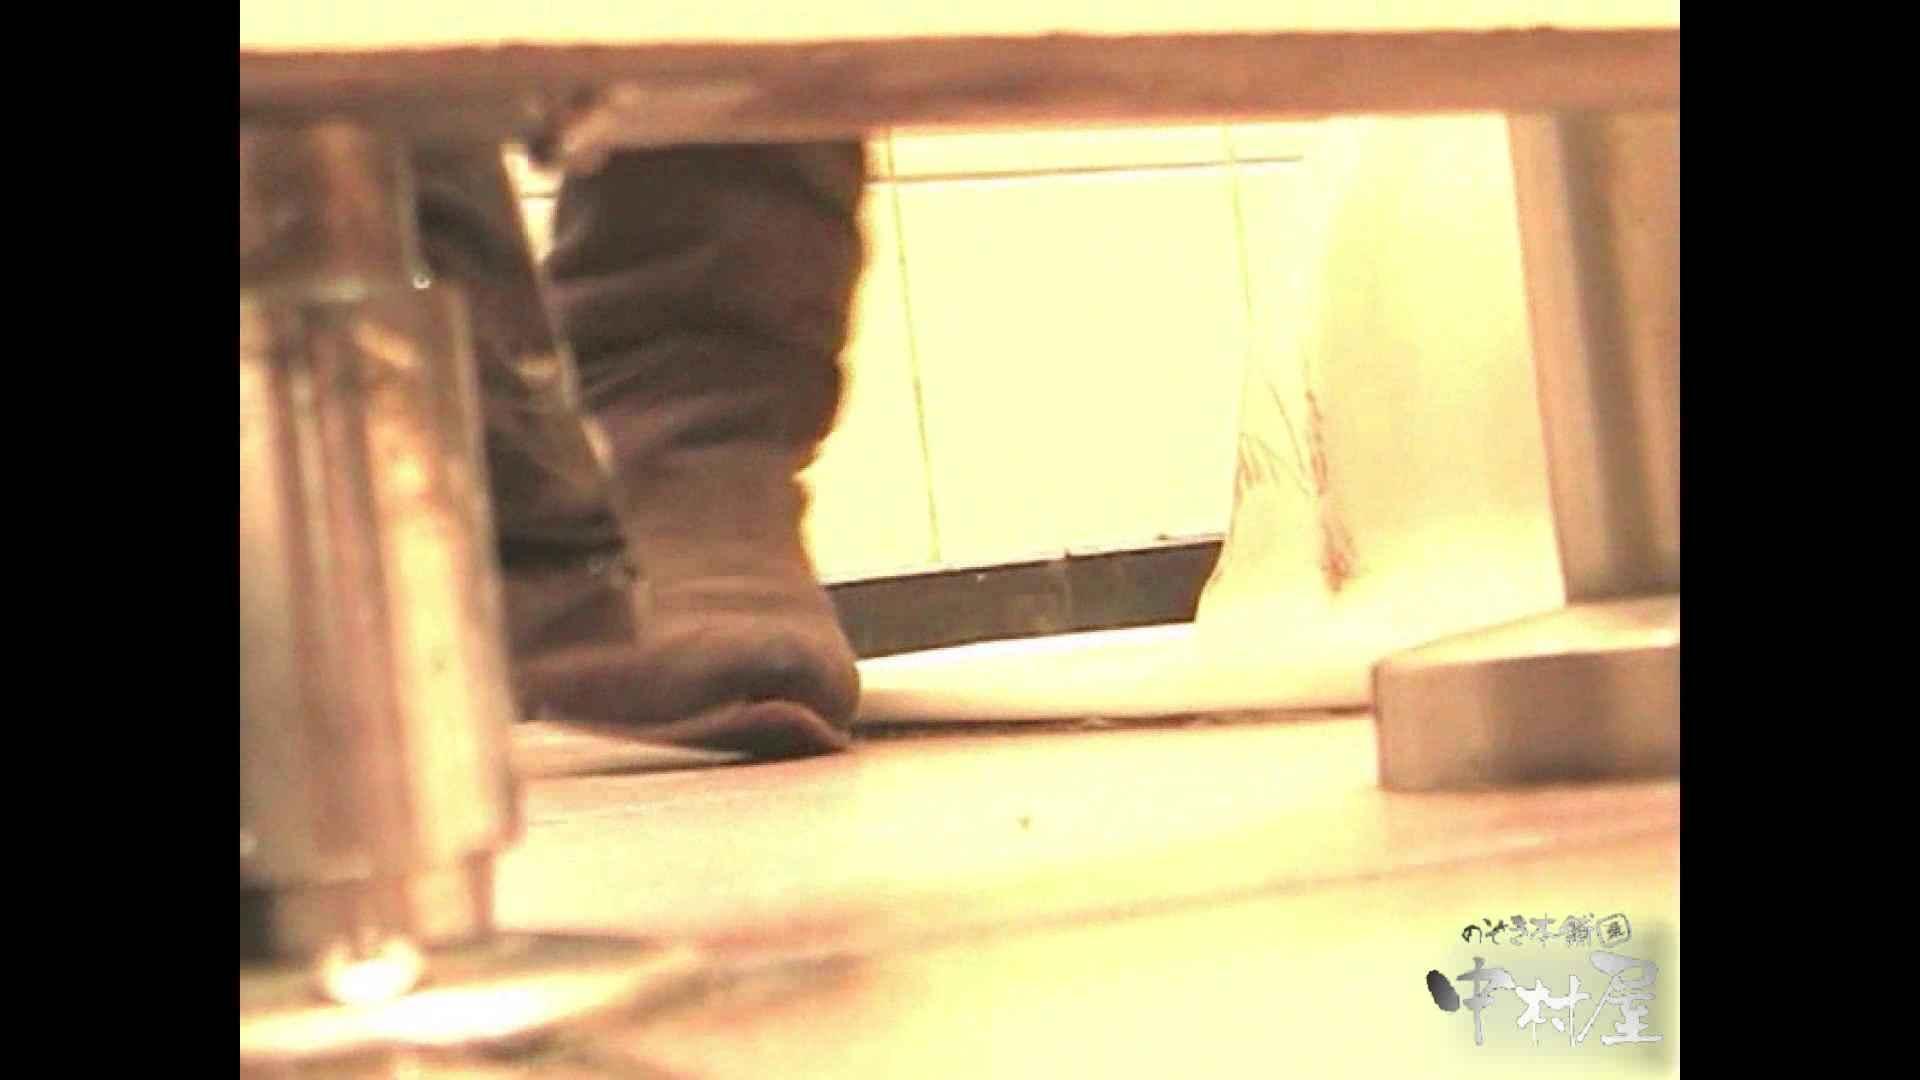 岩手県在住盗撮師盗撮記録vol.02 排泄編 オマンコ動画キャプチャ 108PIX 76